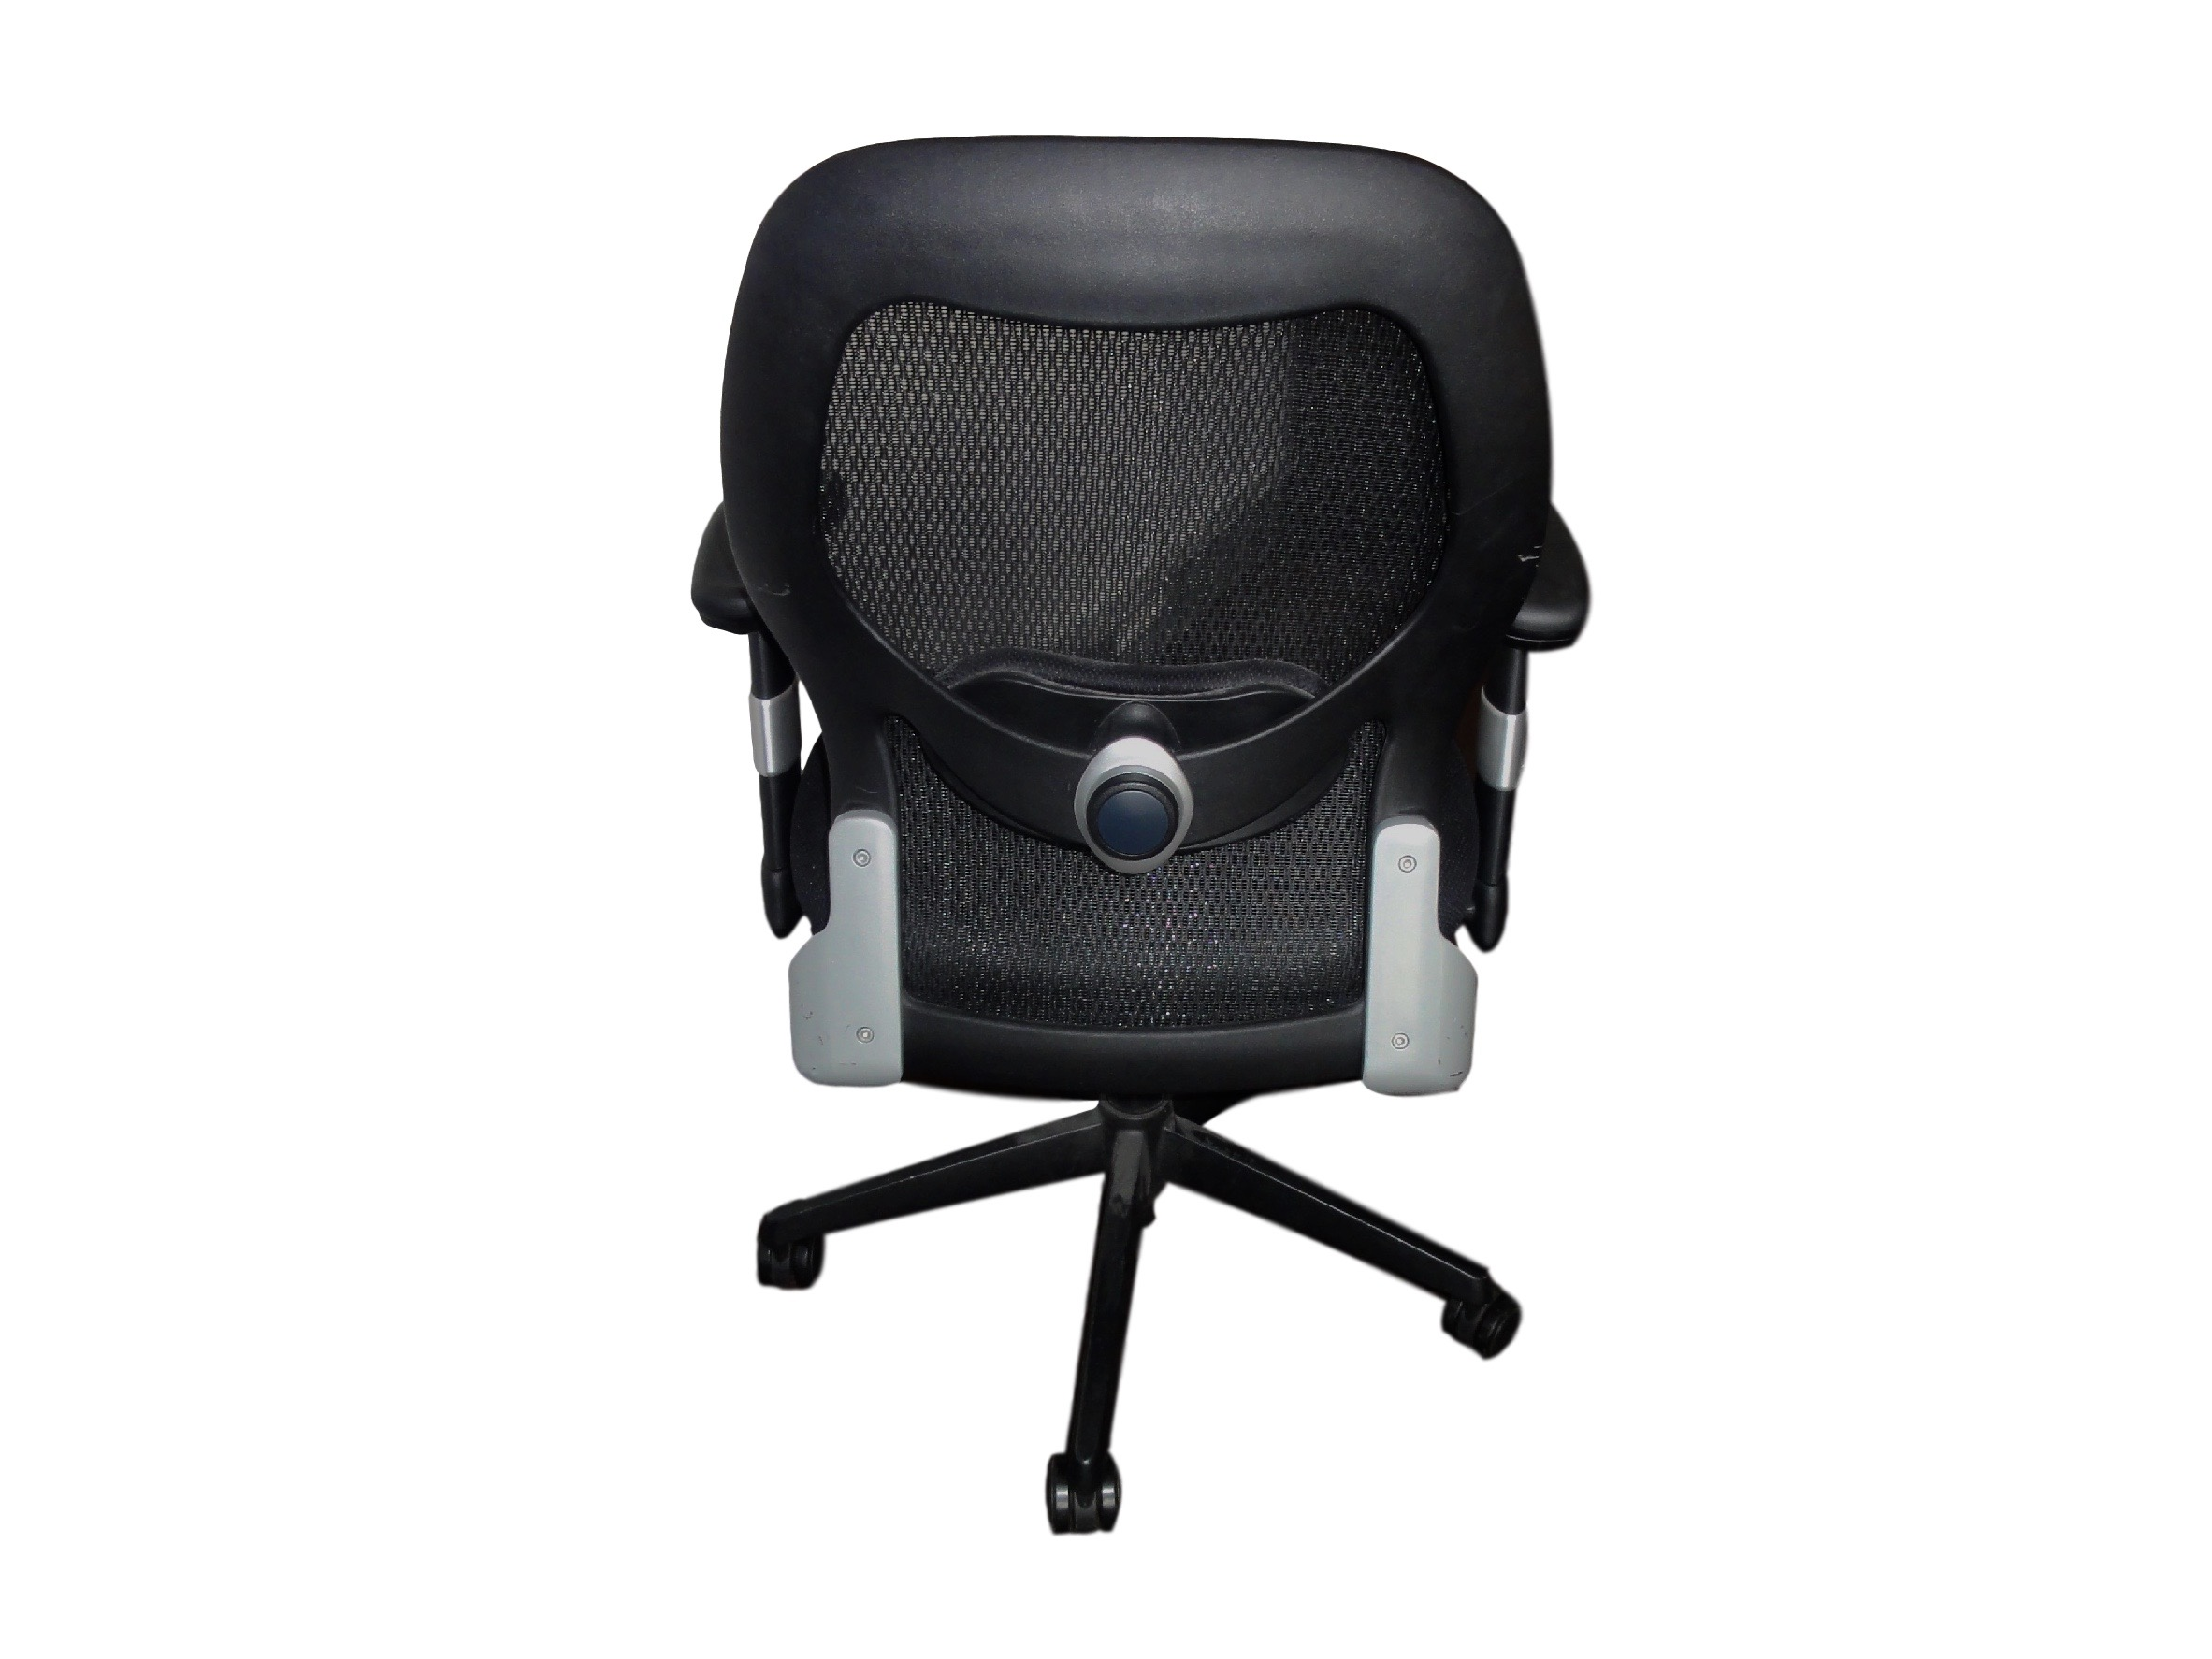 fauteuil de bureau ergonomique pas cher chaise de bureau ergonomique pas cher rousse fauteuil. Black Bedroom Furniture Sets. Home Design Ideas